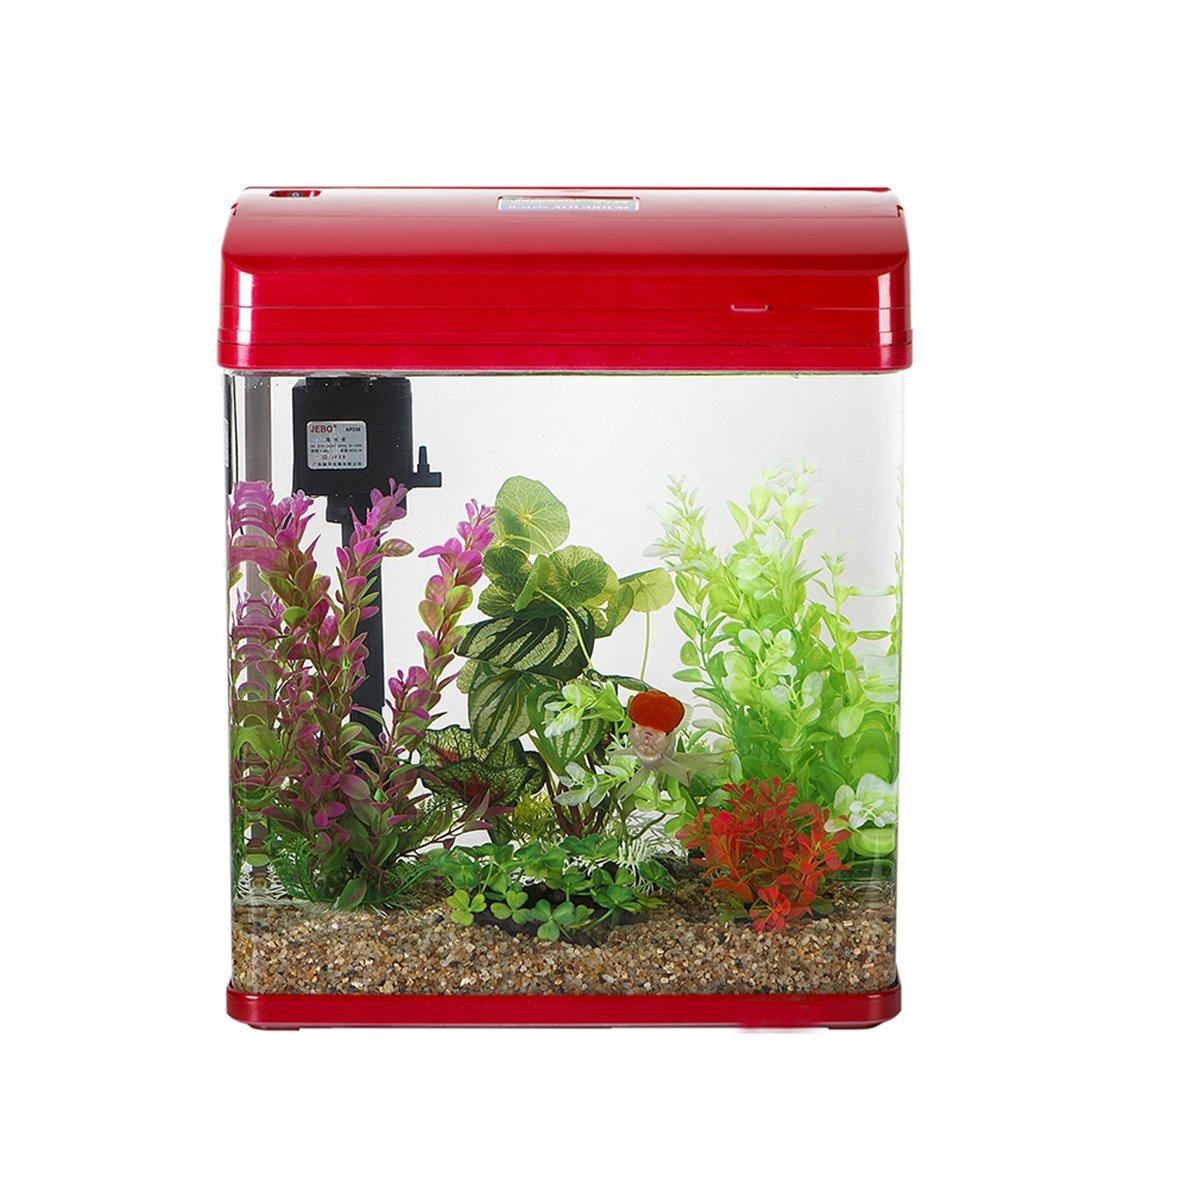 Acuario Planta VORCOOL 10 unidades artificiales acuario peces tanque de agua Planta de pl/ástico decoraci/ón de ornamento colour al azar